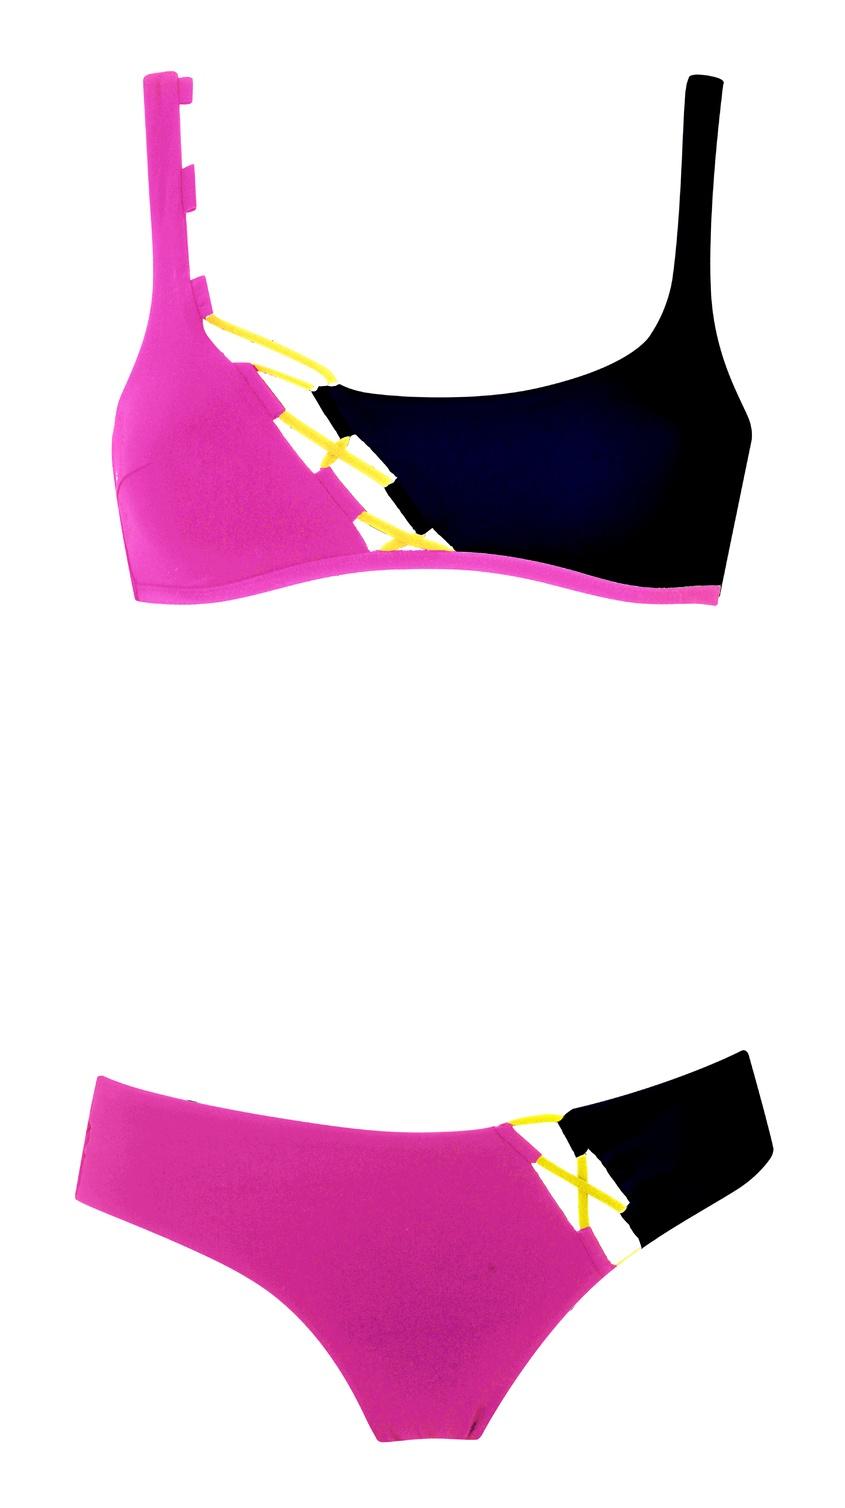 Плавки JojoБикини<br>Почувствуйте себя воплощением игривого, спортивного и сексуального стиля 80-х в Jojo. Плавки, по силуэту напоминающие спортивные шорты, созданы из гладких контрастных панелей черного и розового цветов, соединенных желтой шнуровкой спереди и сзади. Сочетайте с бюстгальтером бикини Jojo.<br><br>Возраст: Взрослый<br>Размер unitSize=: L (4 AP)<br>Цвет: розовый<br>Пол: Женское<br>Материал: черная: 76% полиамид 24% эластан розовая: 81% полиамид 19% эластан сеточка: 100% полиамид